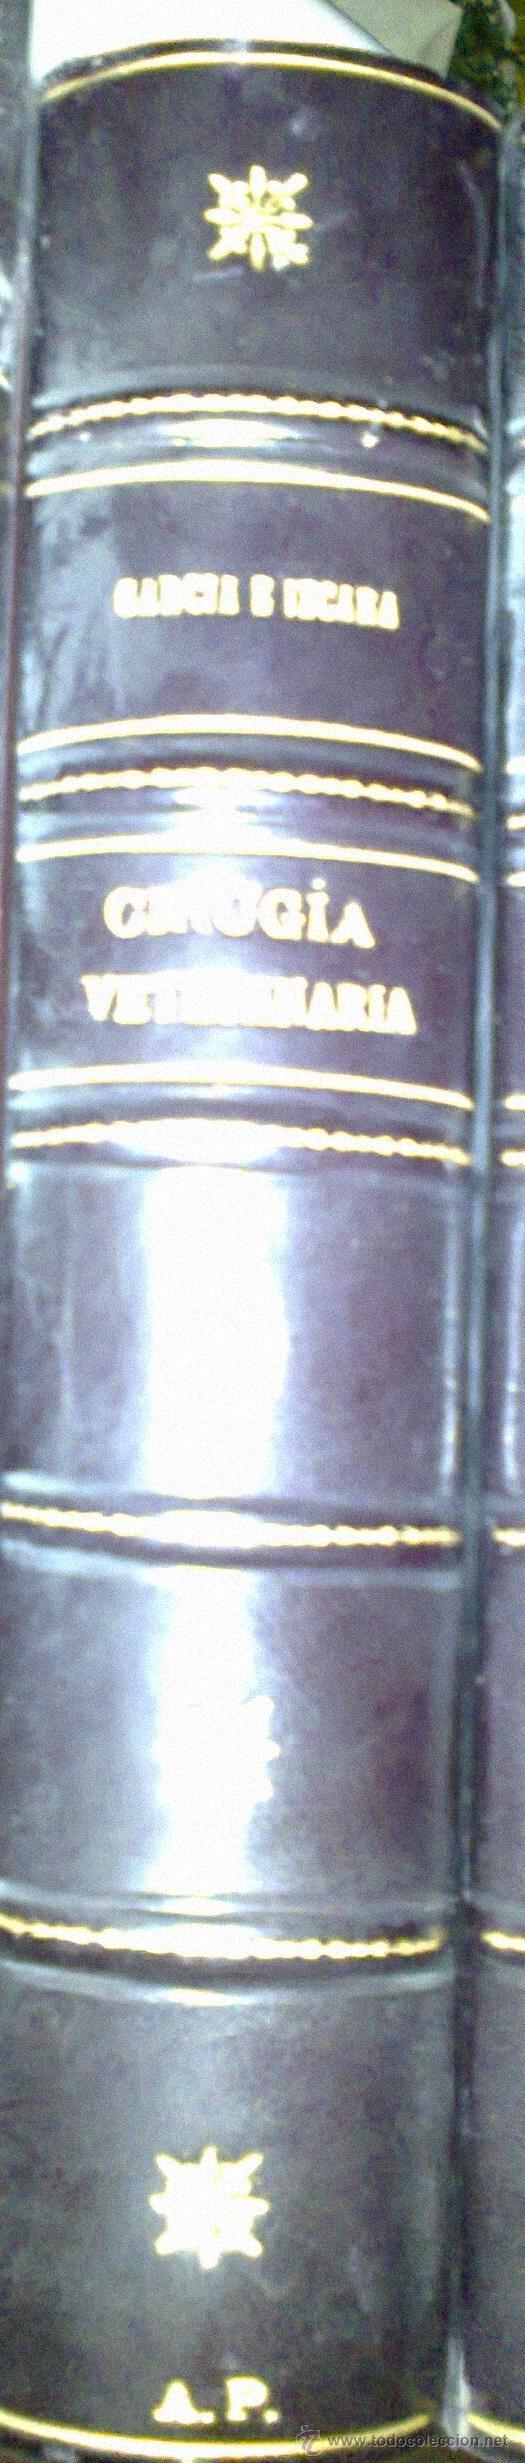 CIRUGÍA VETERINARIA. GARCÍA E IZCARA 1916 (Libros Antiguos, Raros y Curiosos - Ciencias, Manuales y Oficios - Bilogía y Botánica)